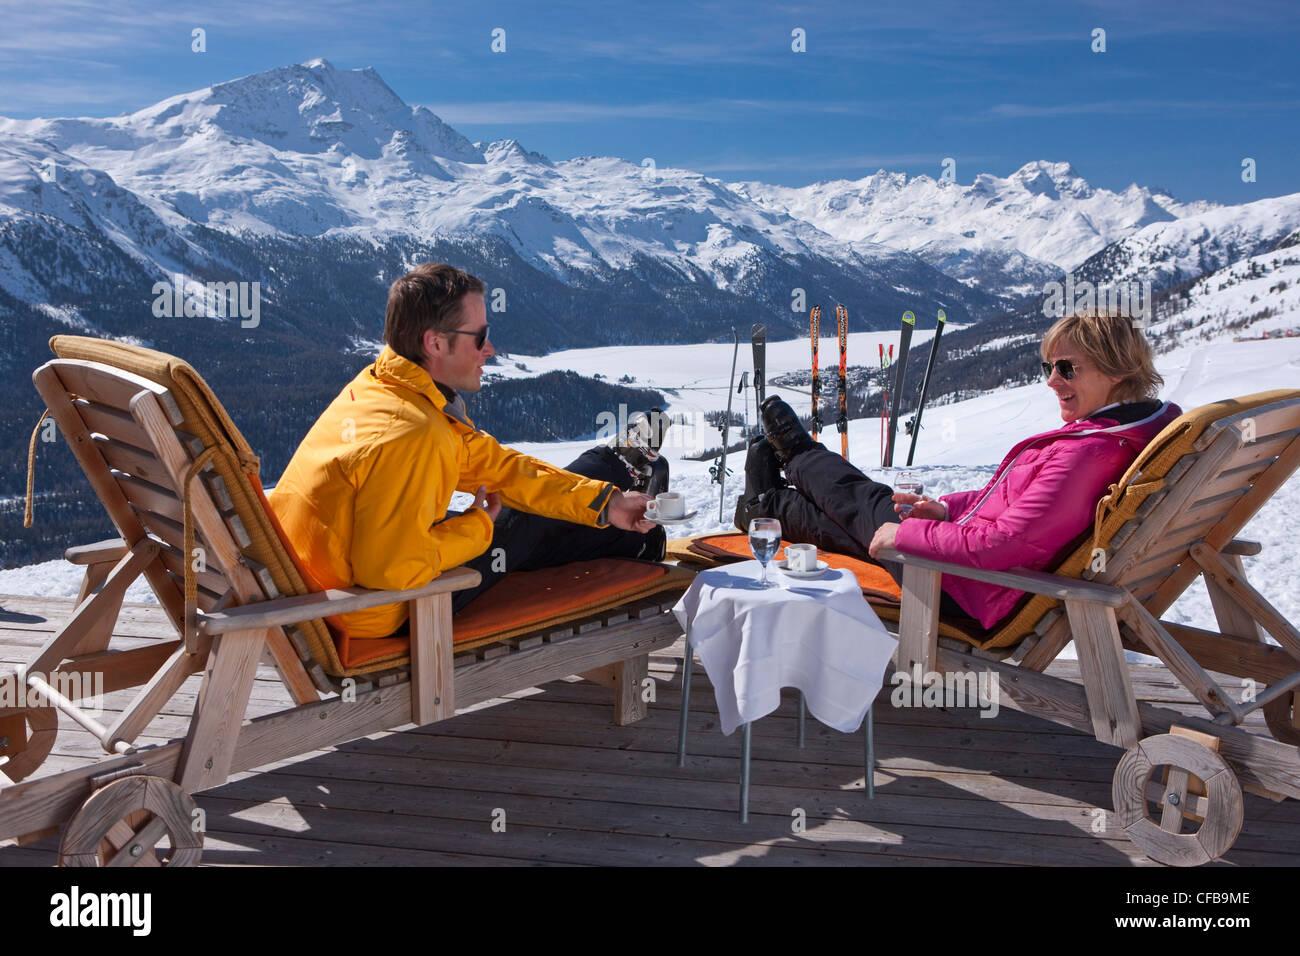 Ski catering